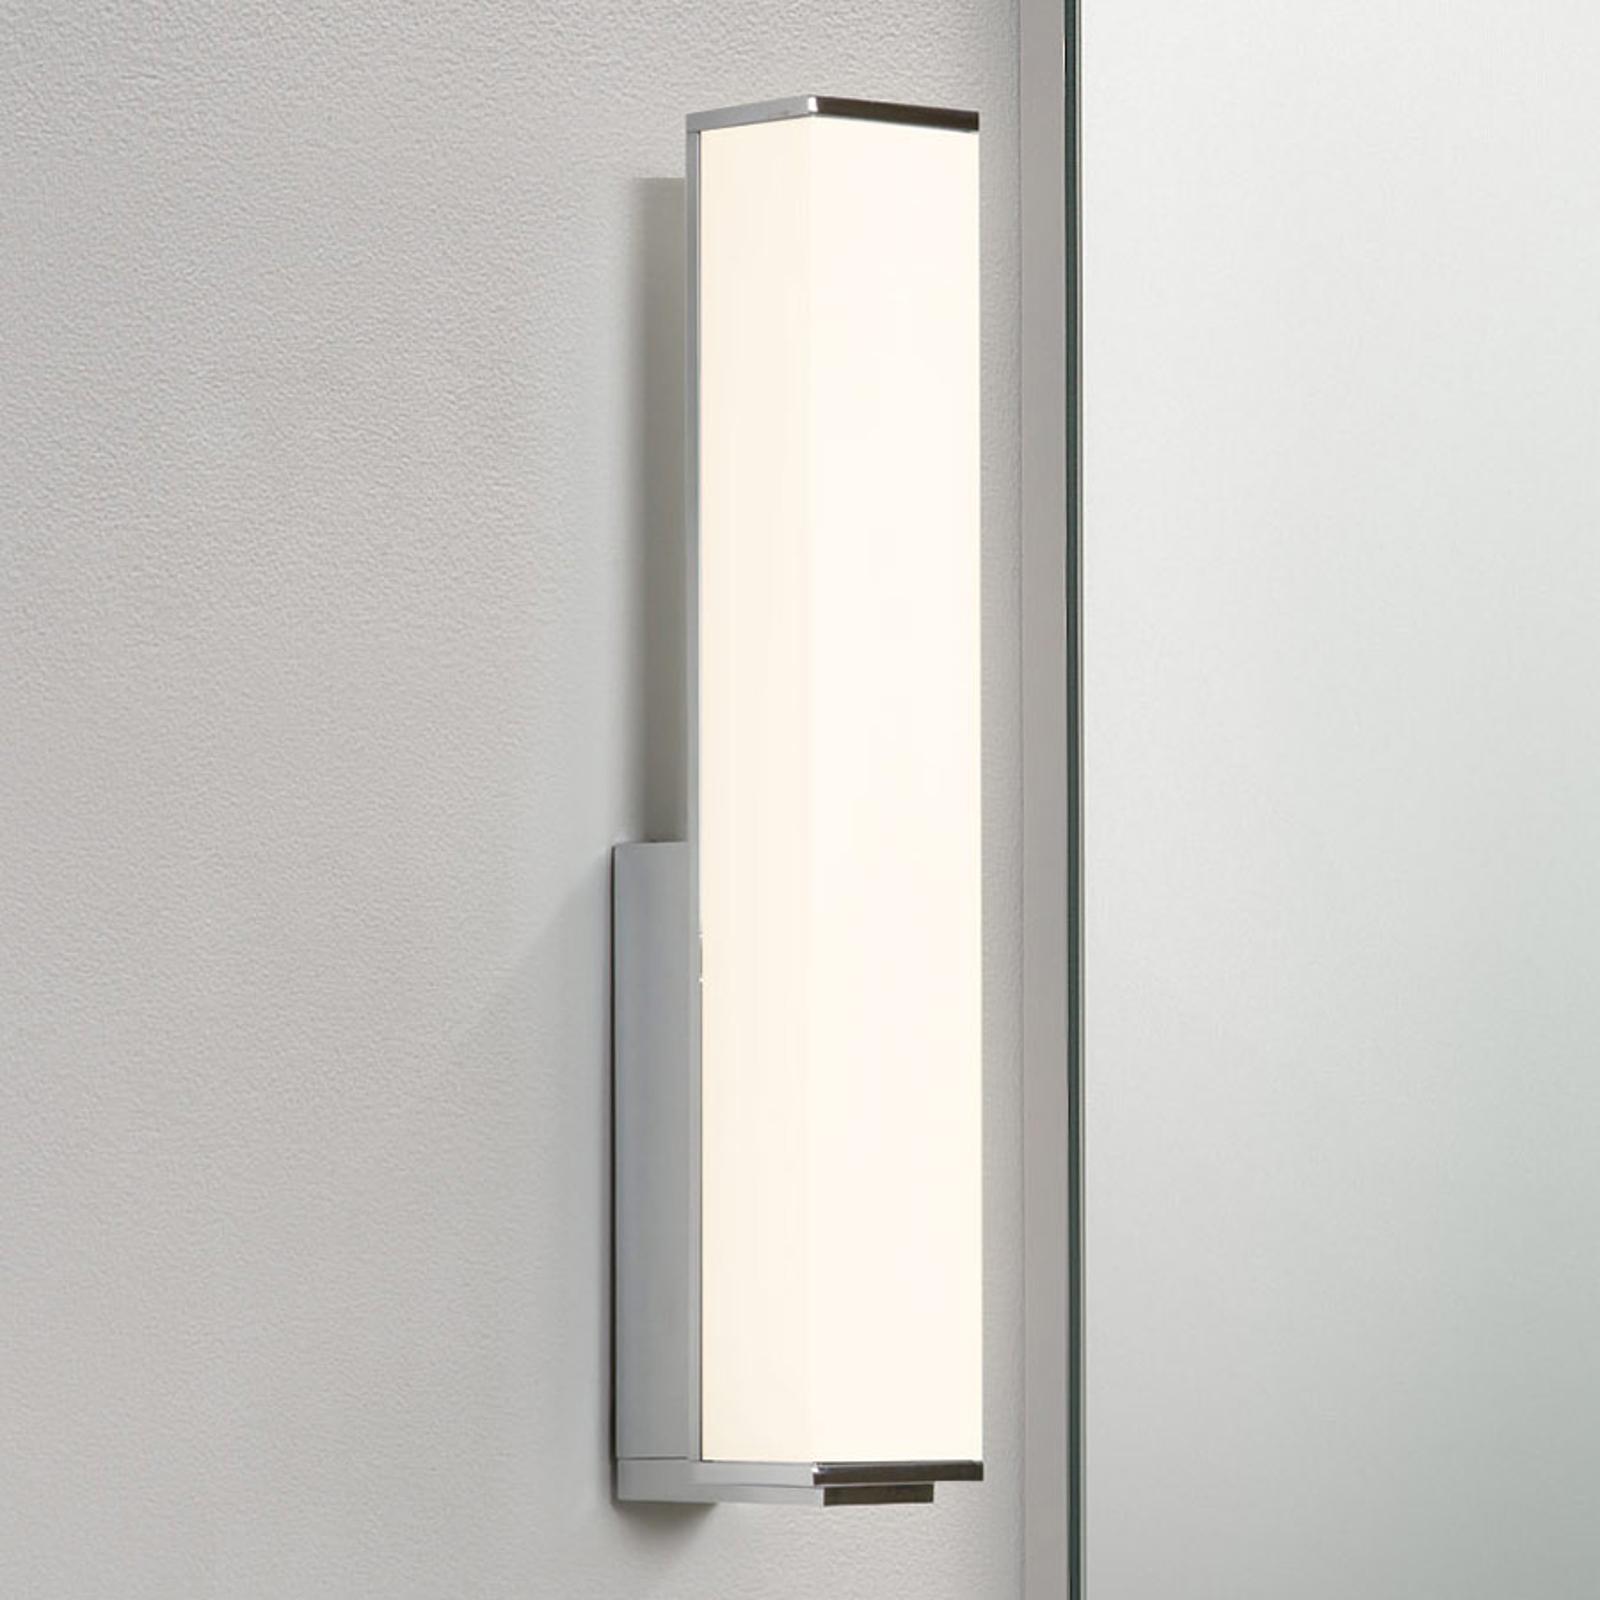 LED-spegellampa Karla för badrummet